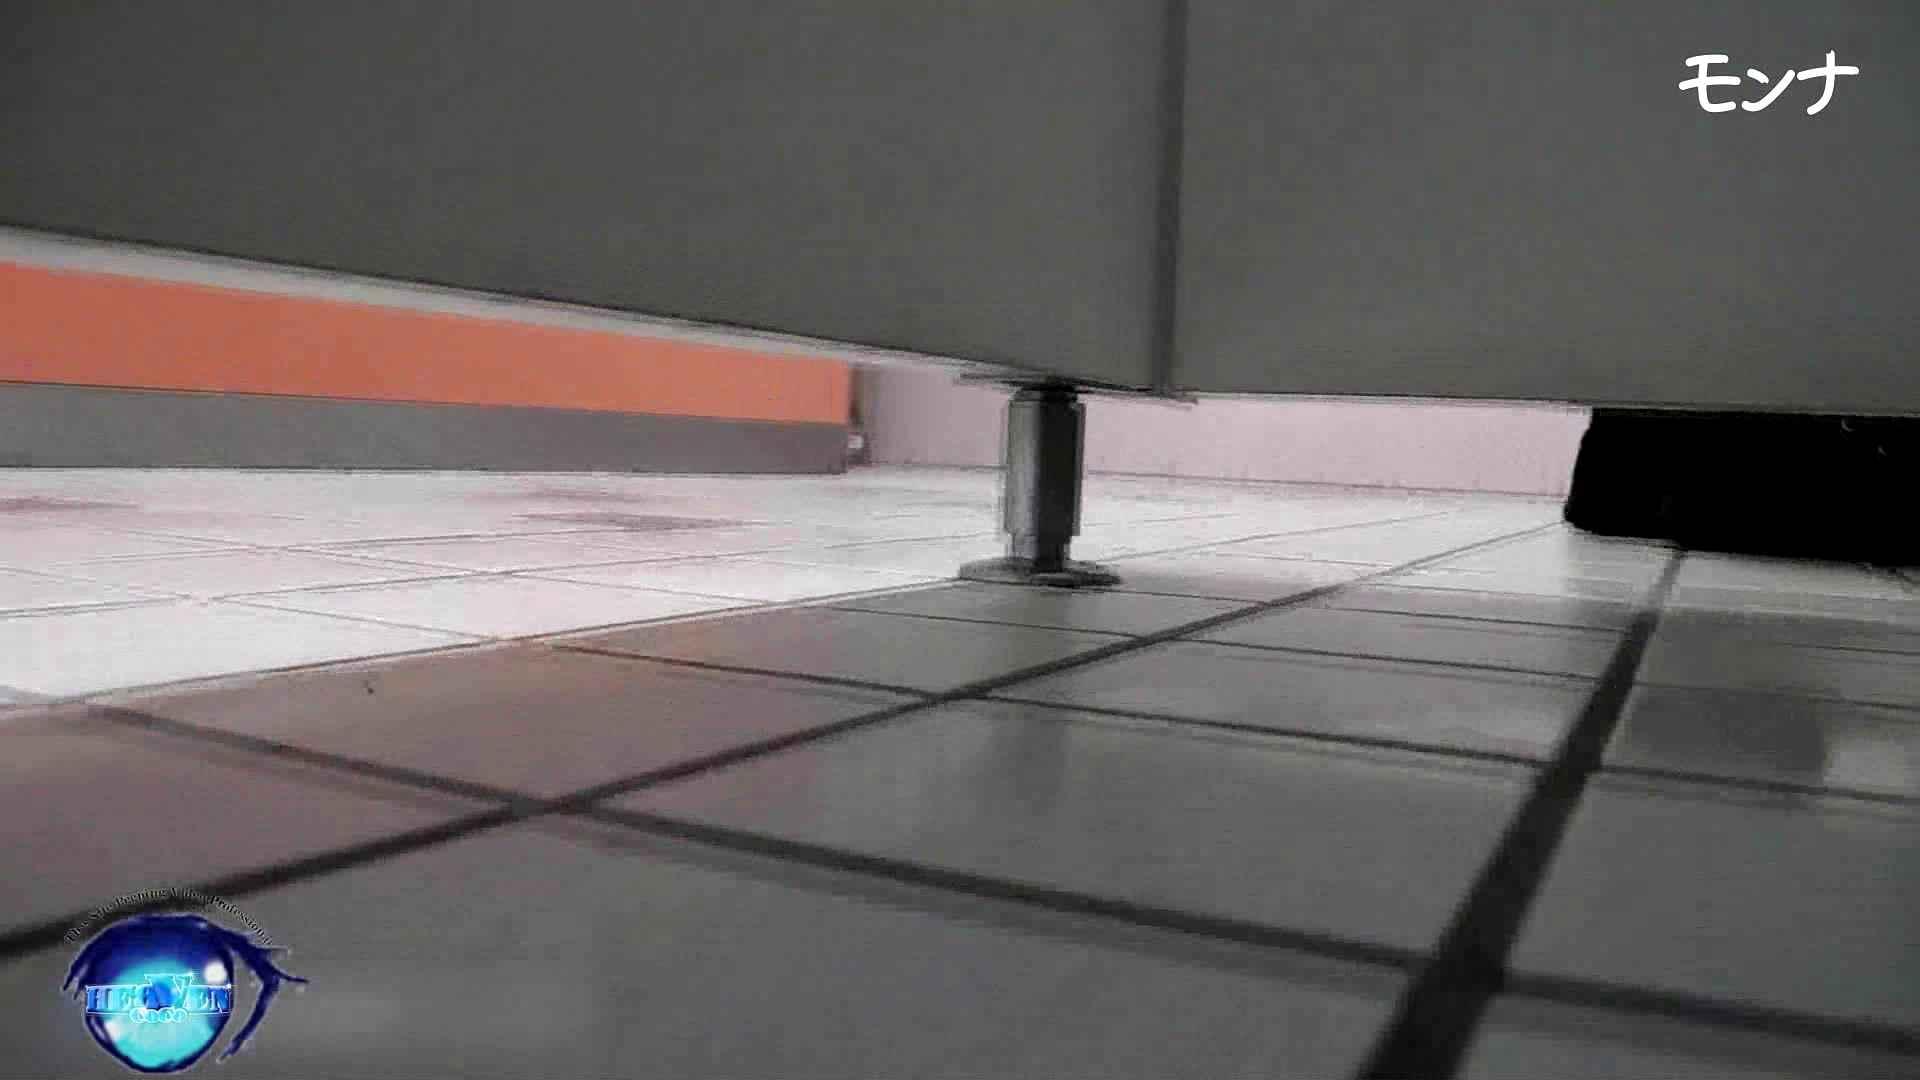 【美しい日本の未来】美しい日本の未来 No.82たまらない丸み、今度またハプニング起きる ハプニング オメコ無修正動画無料 98pic 18